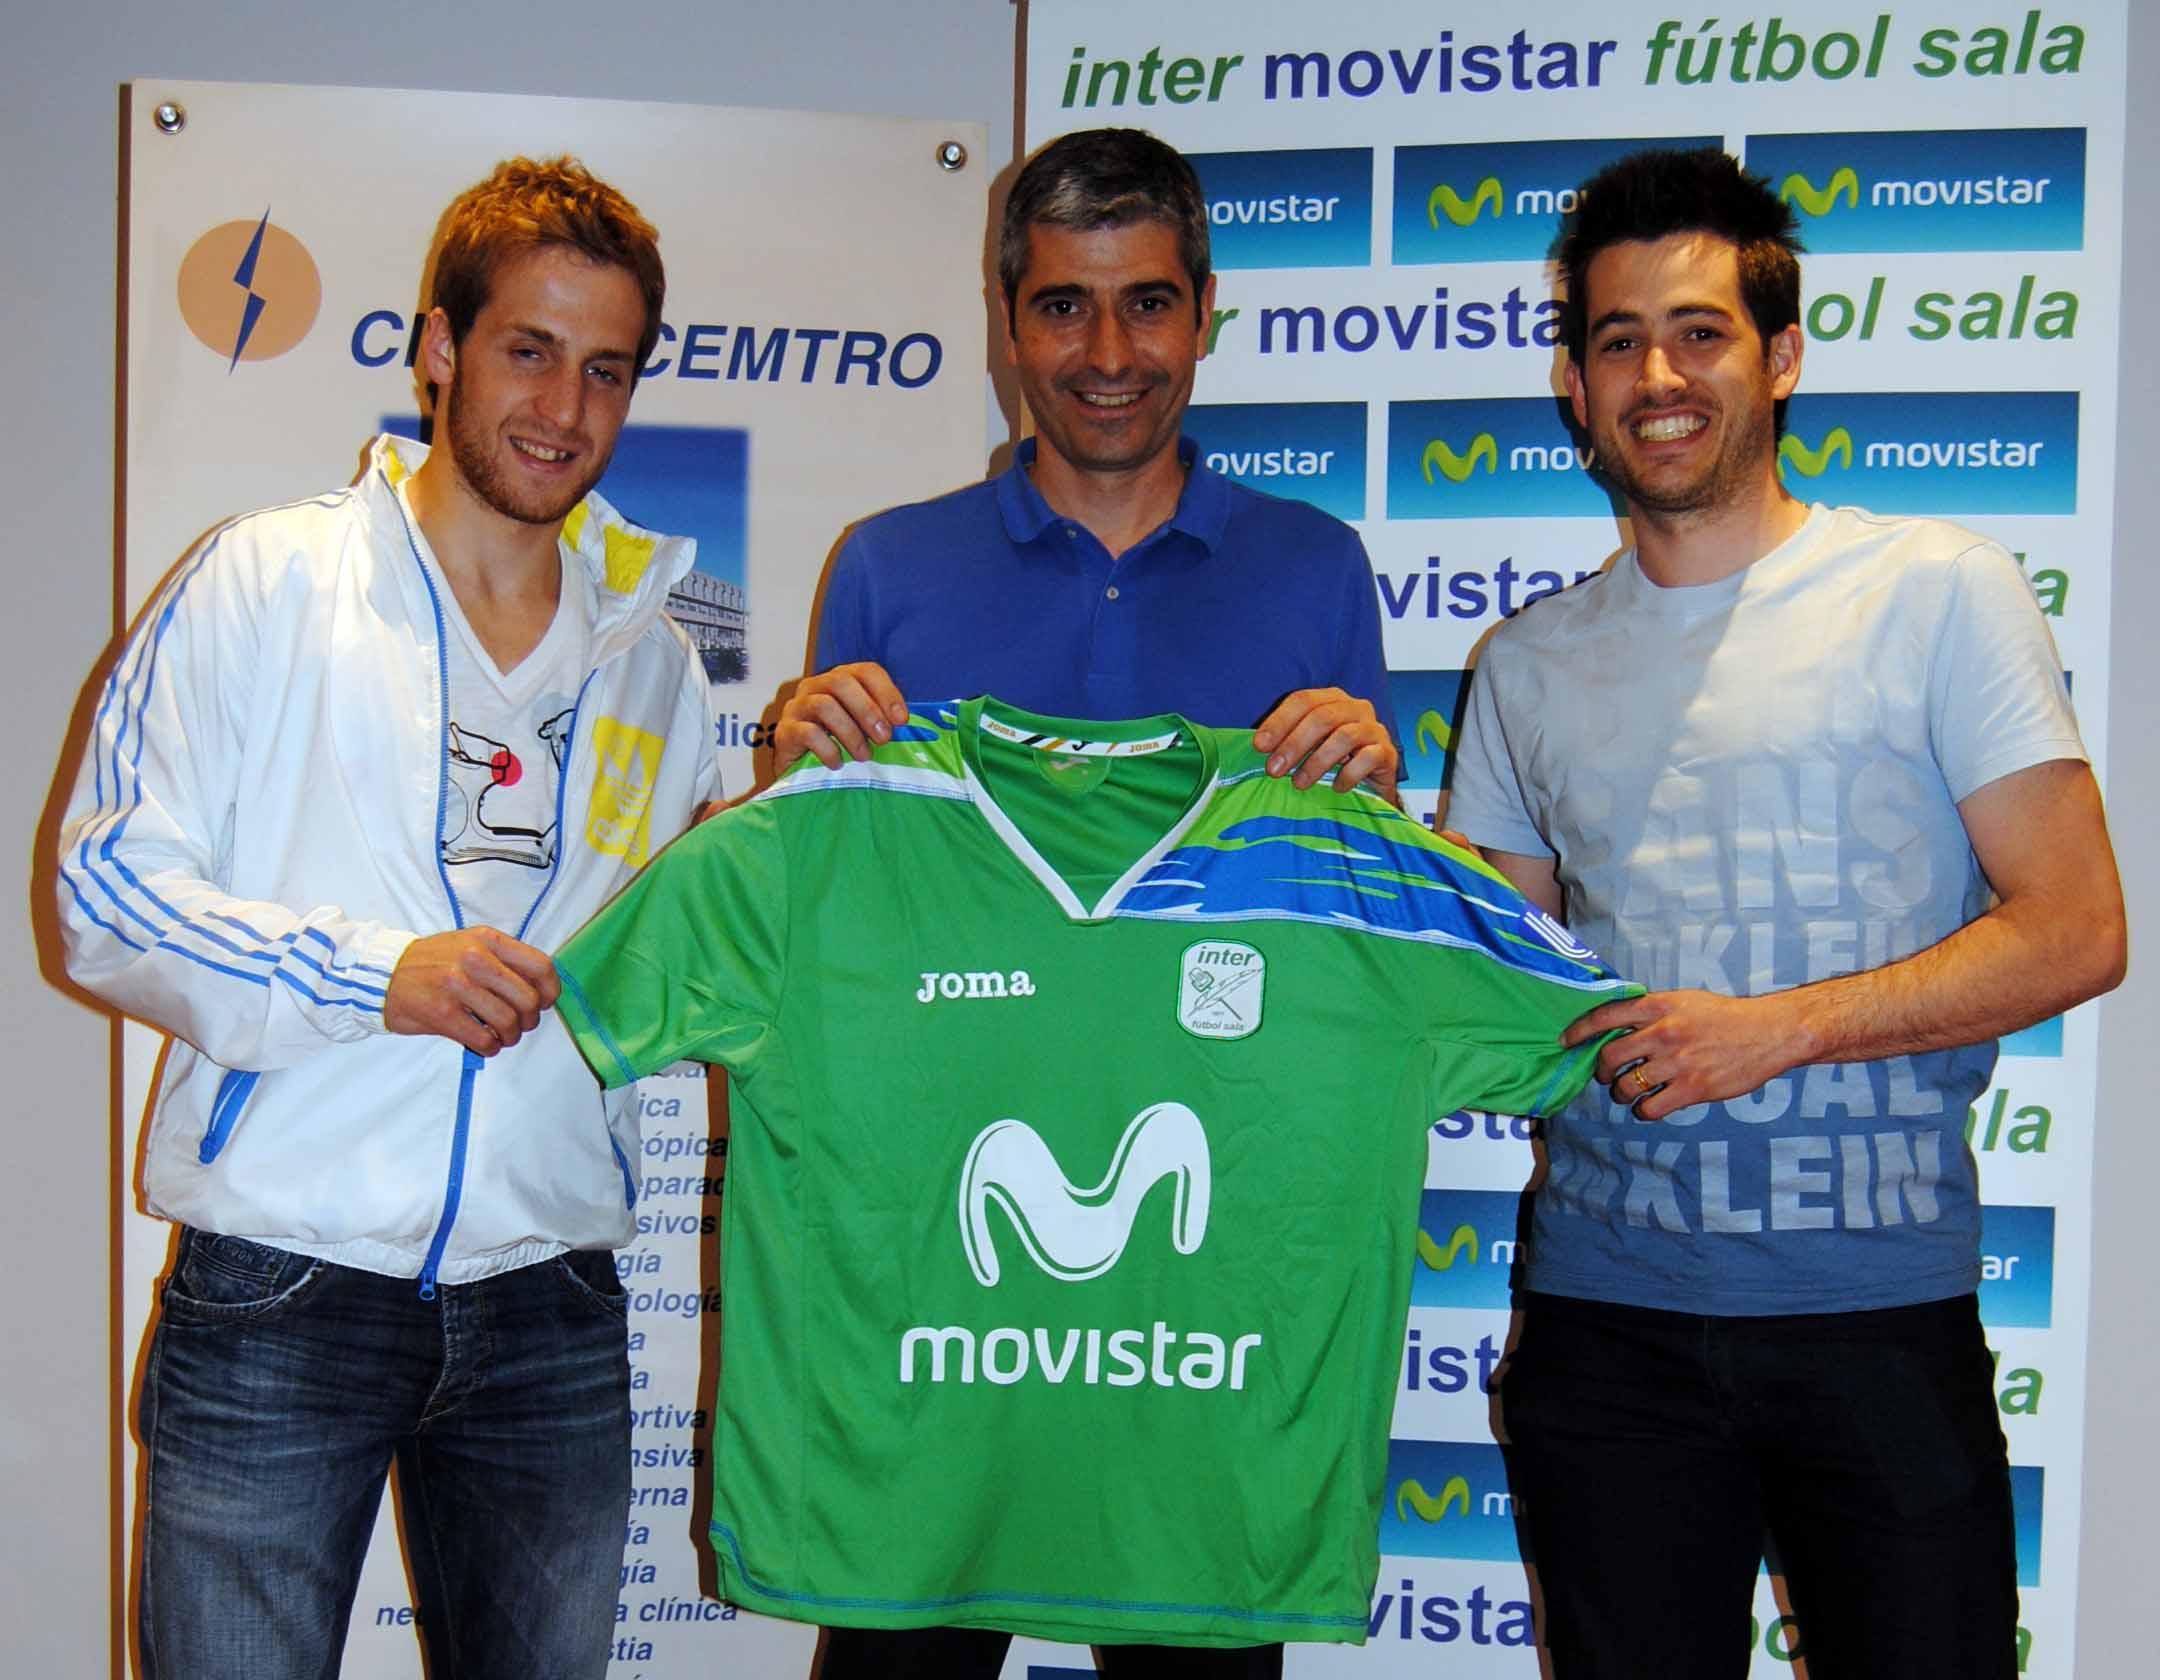 Caras nuevas en Inter Movistar